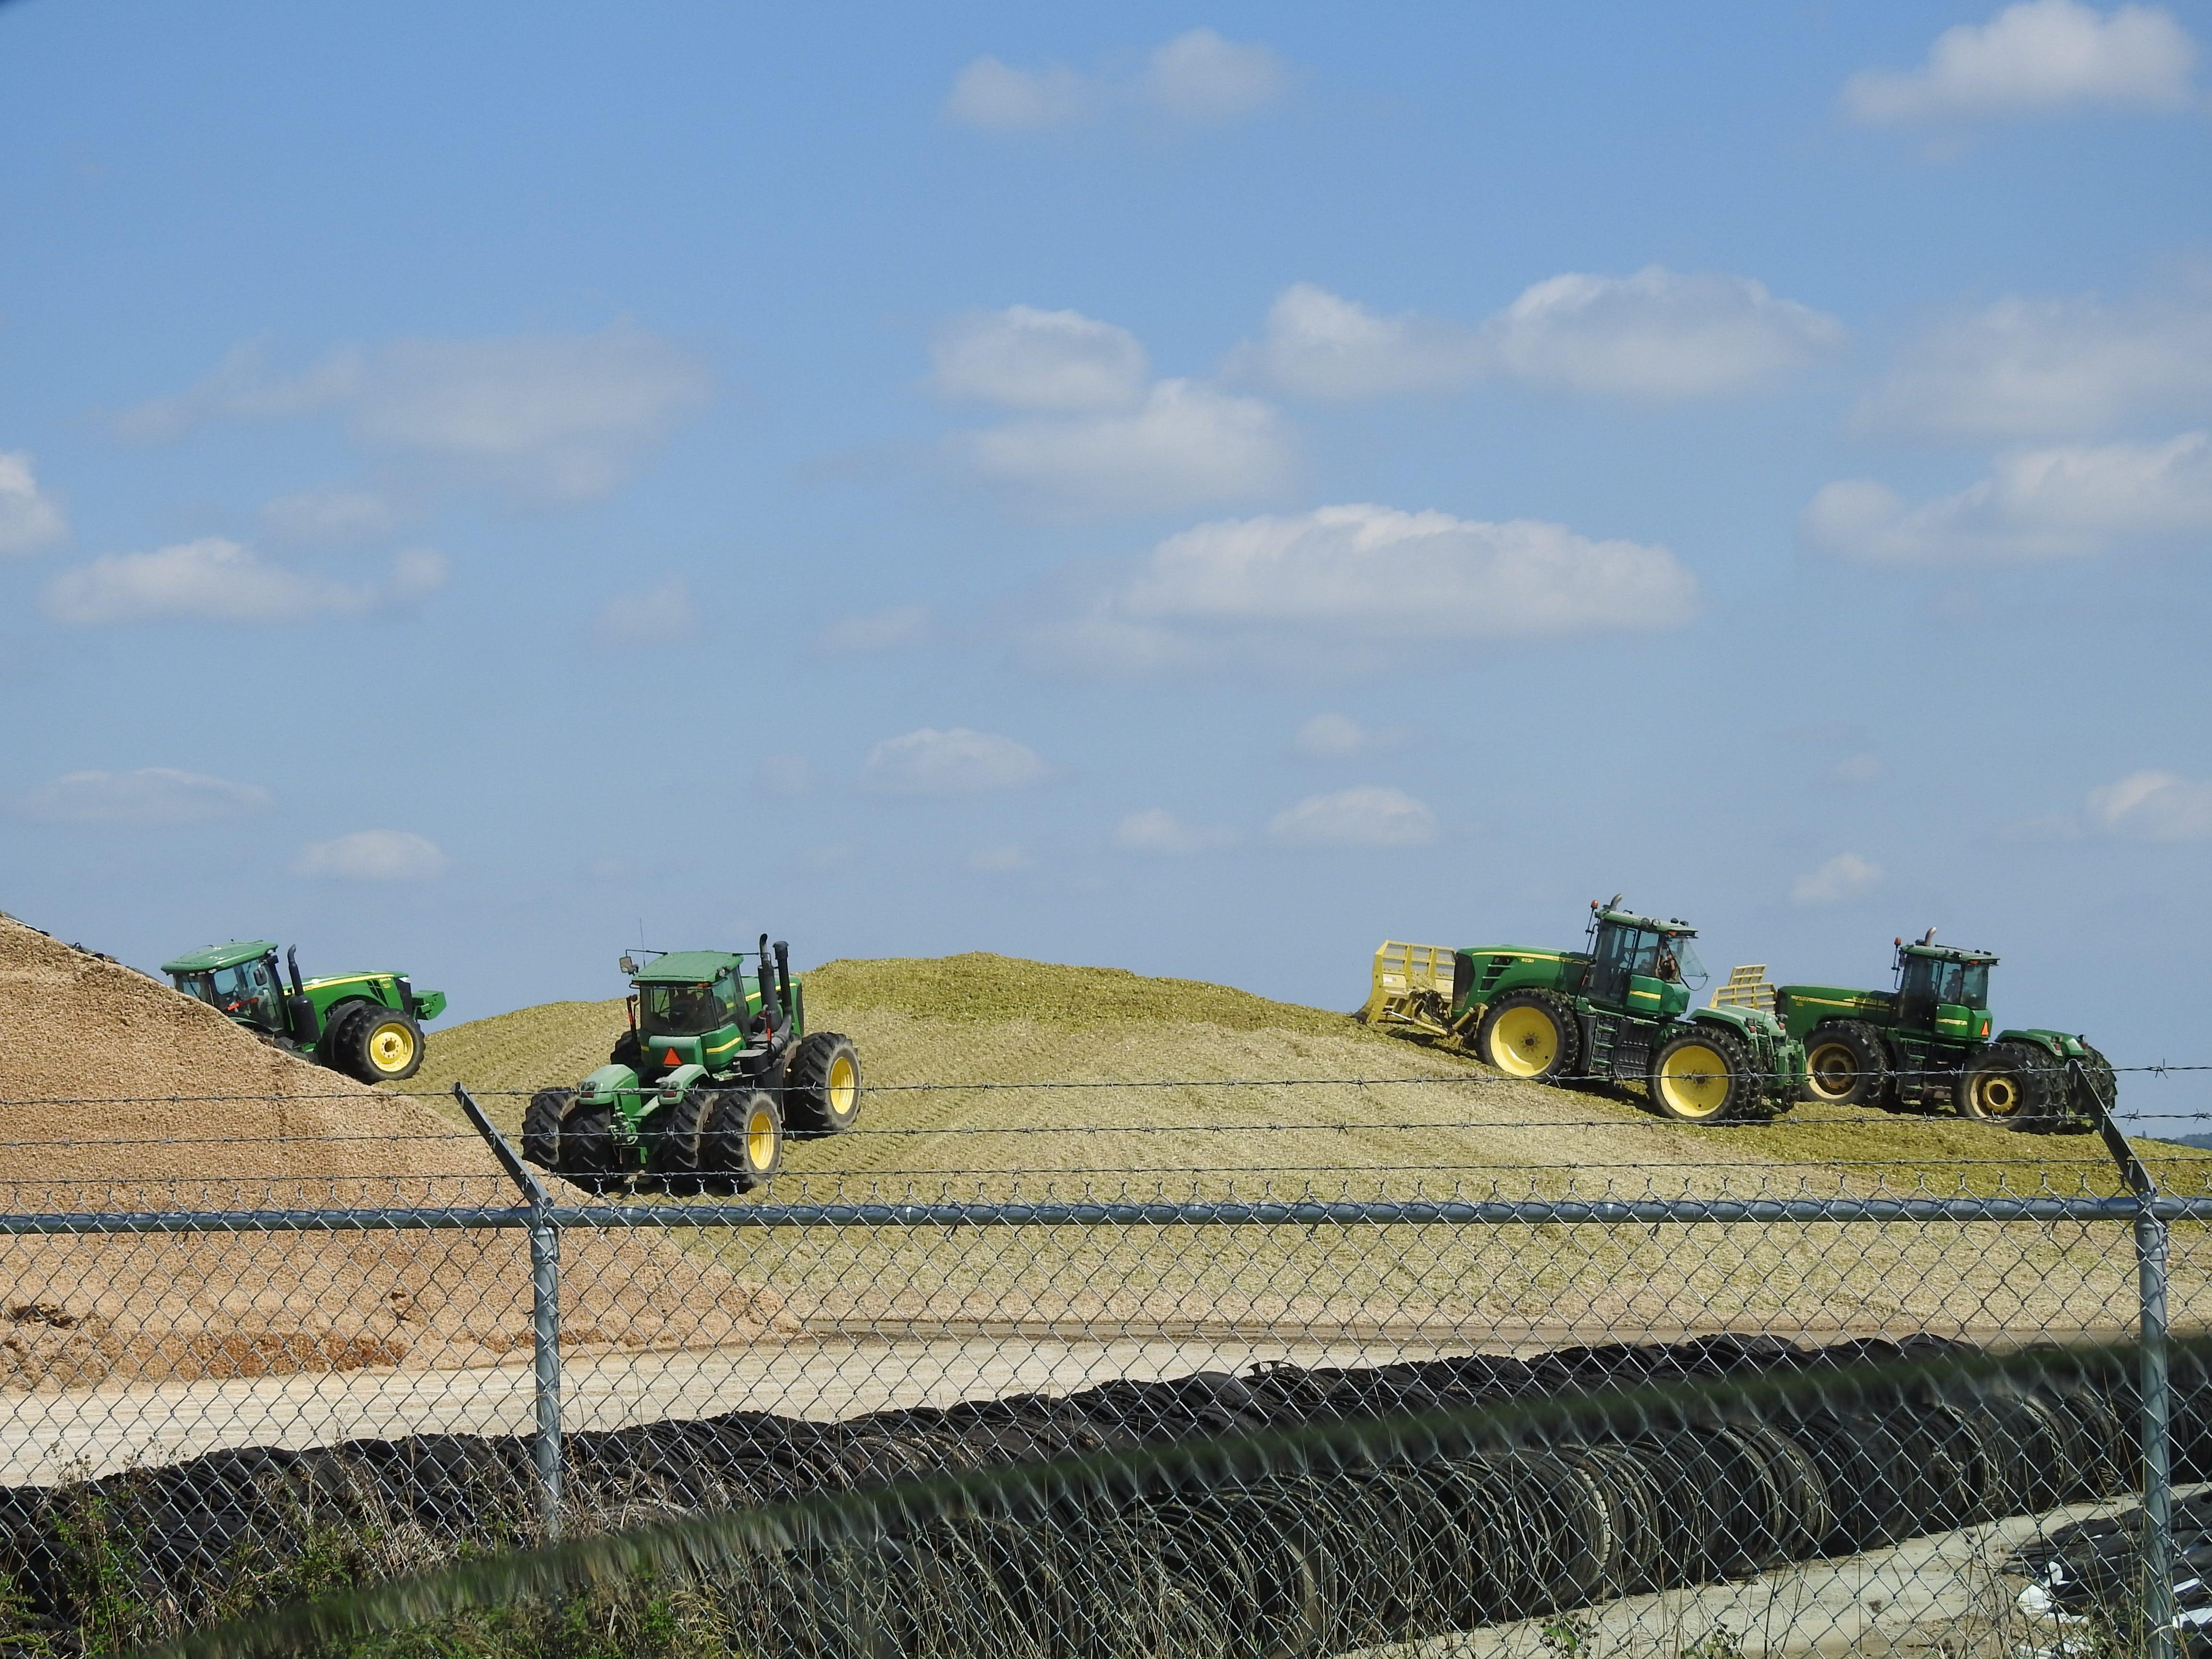 Rain slows field work again as crops dry down quickly